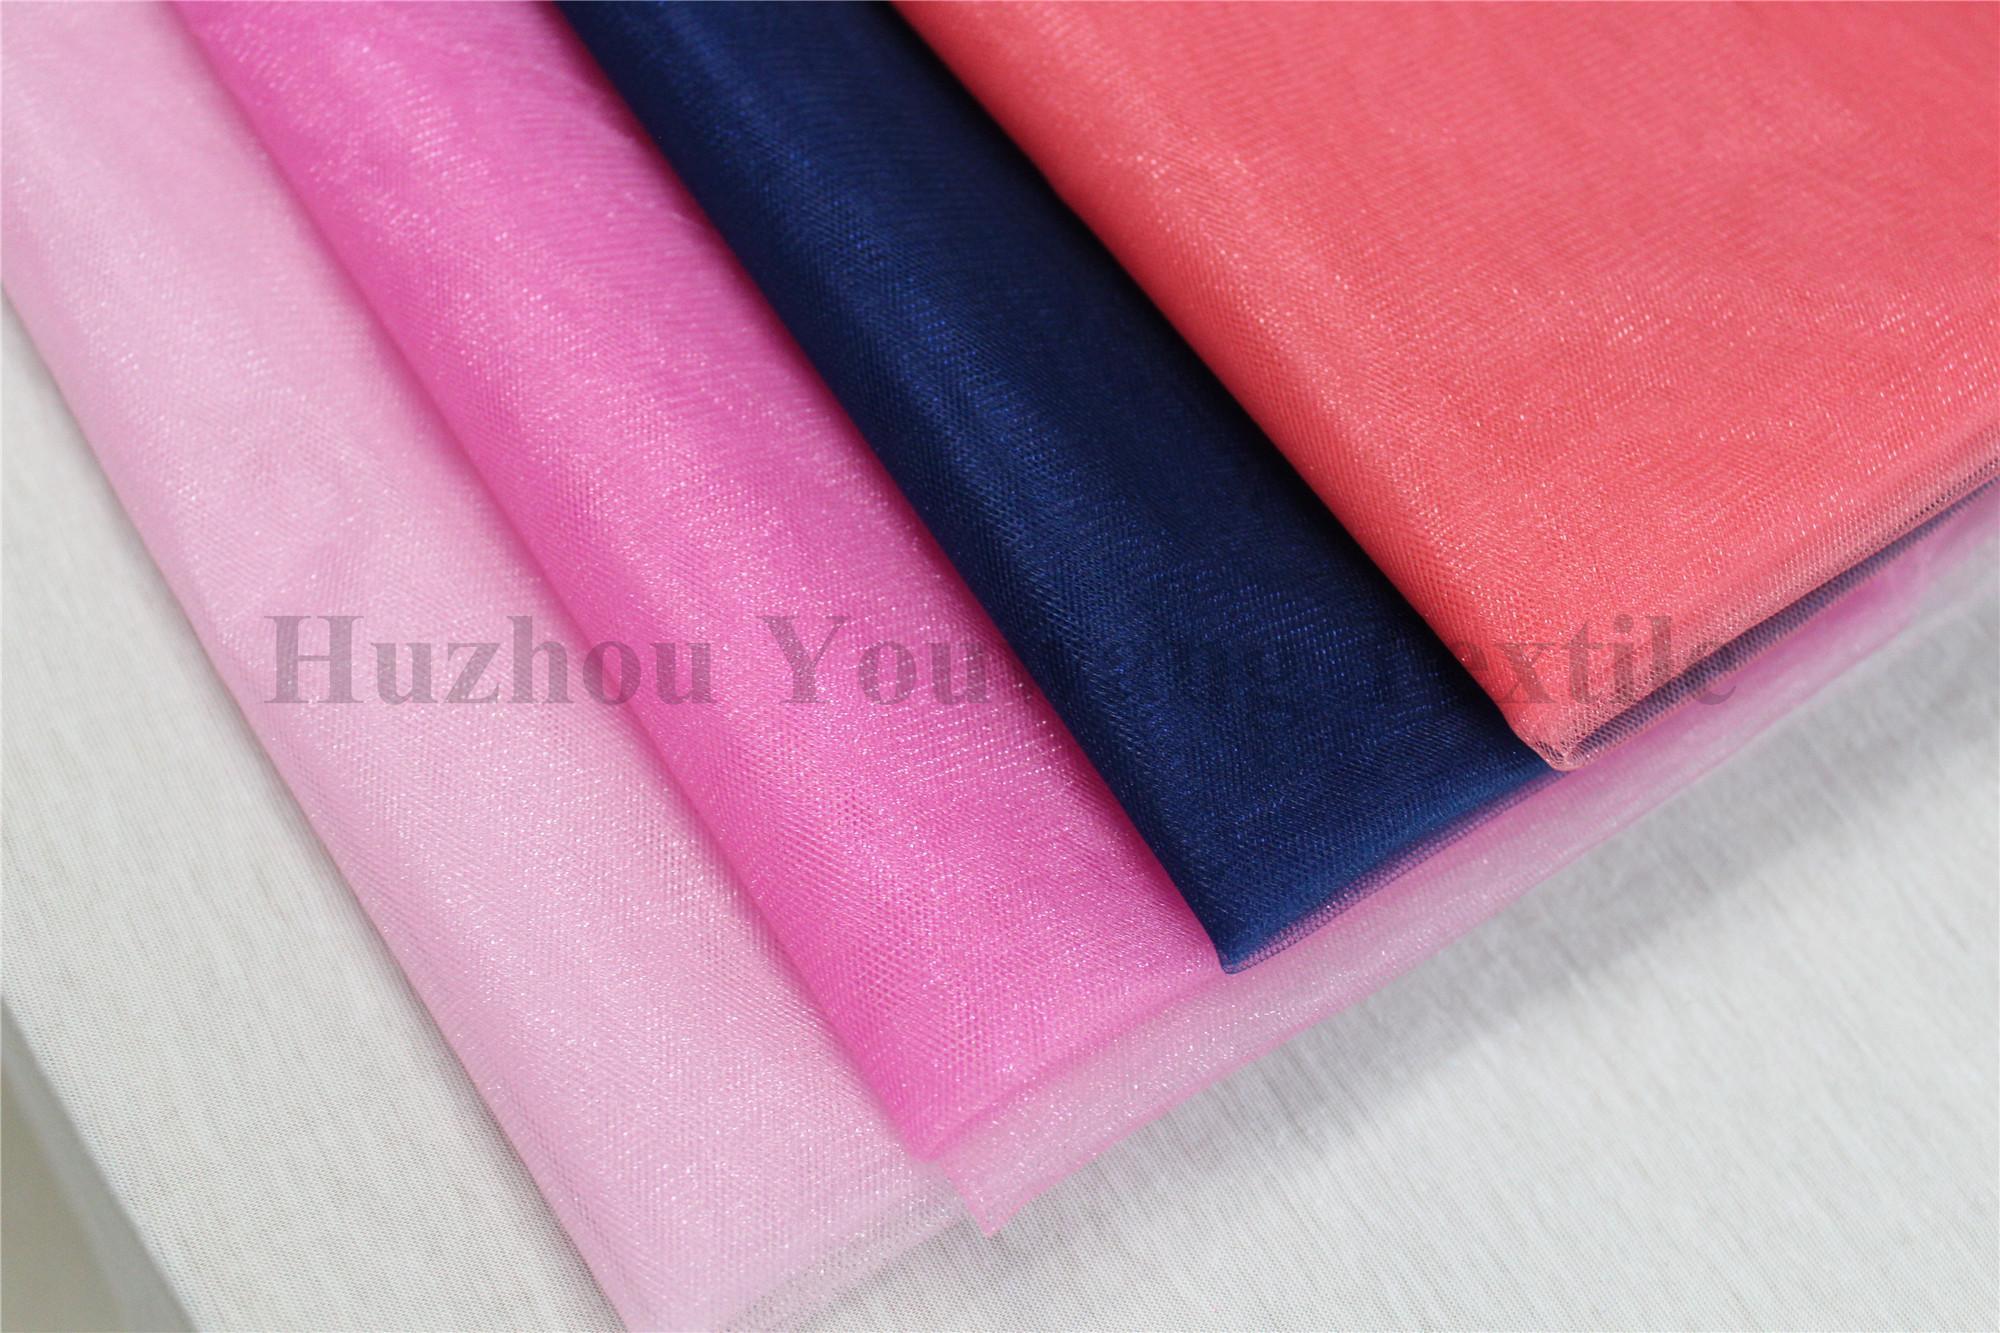 Shiny Tull Fabric 2